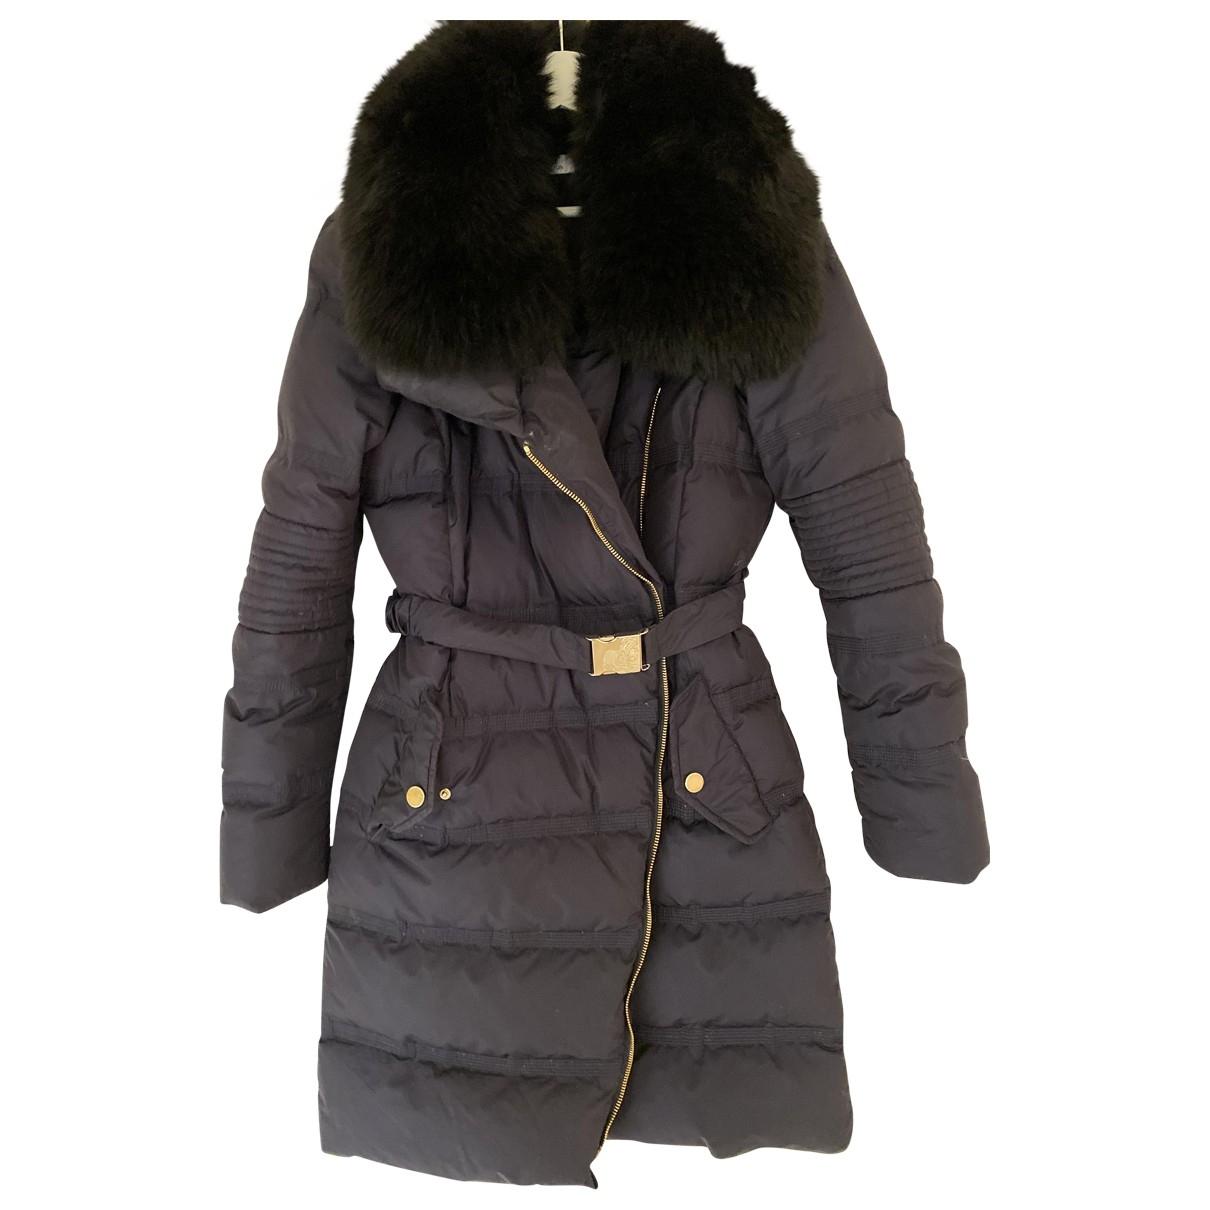 Versace - Manteau   pour femme en fourrure - bleu